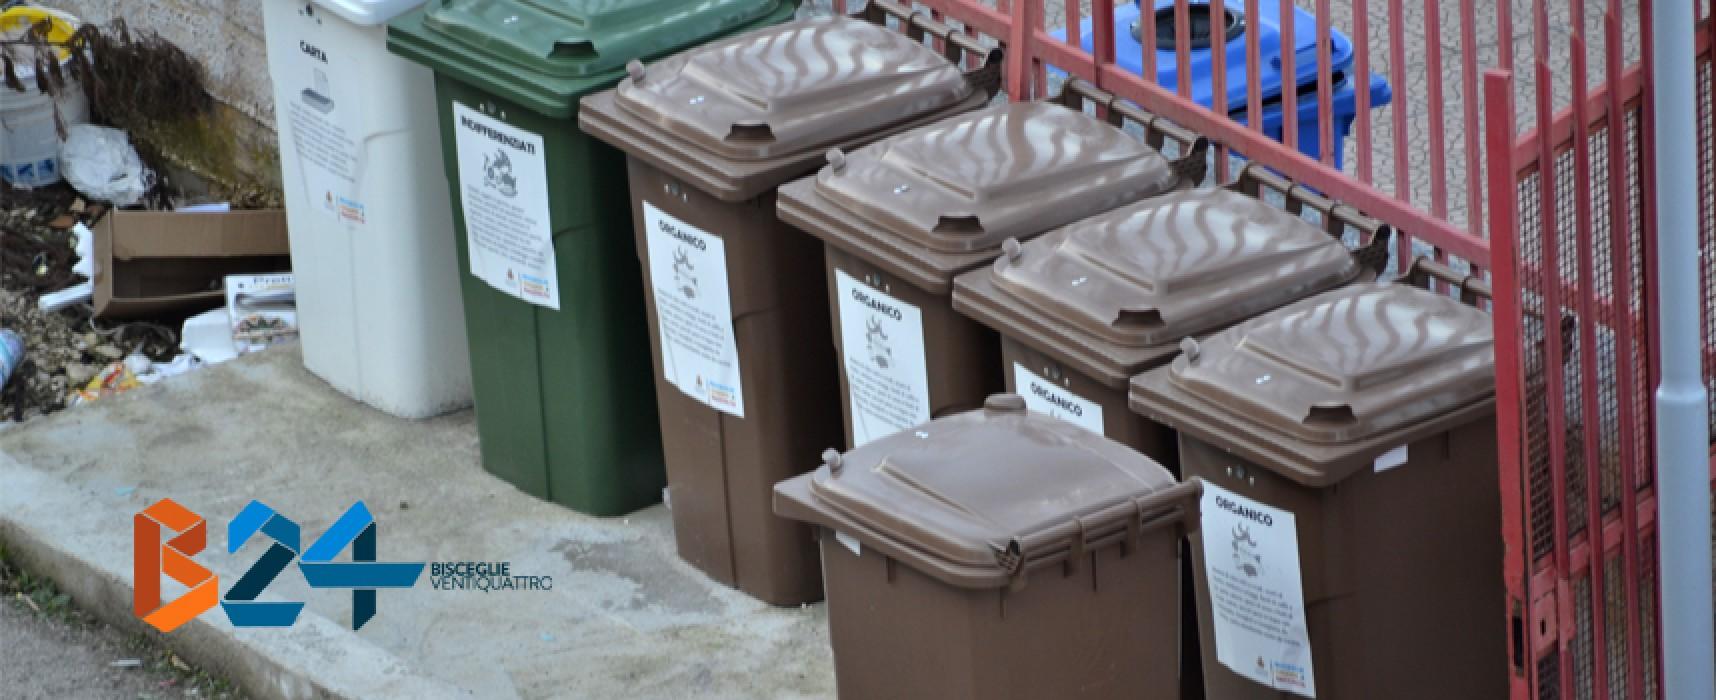 Nuovo sistema raccolta differenziata, previsti incontri in tre zone della città